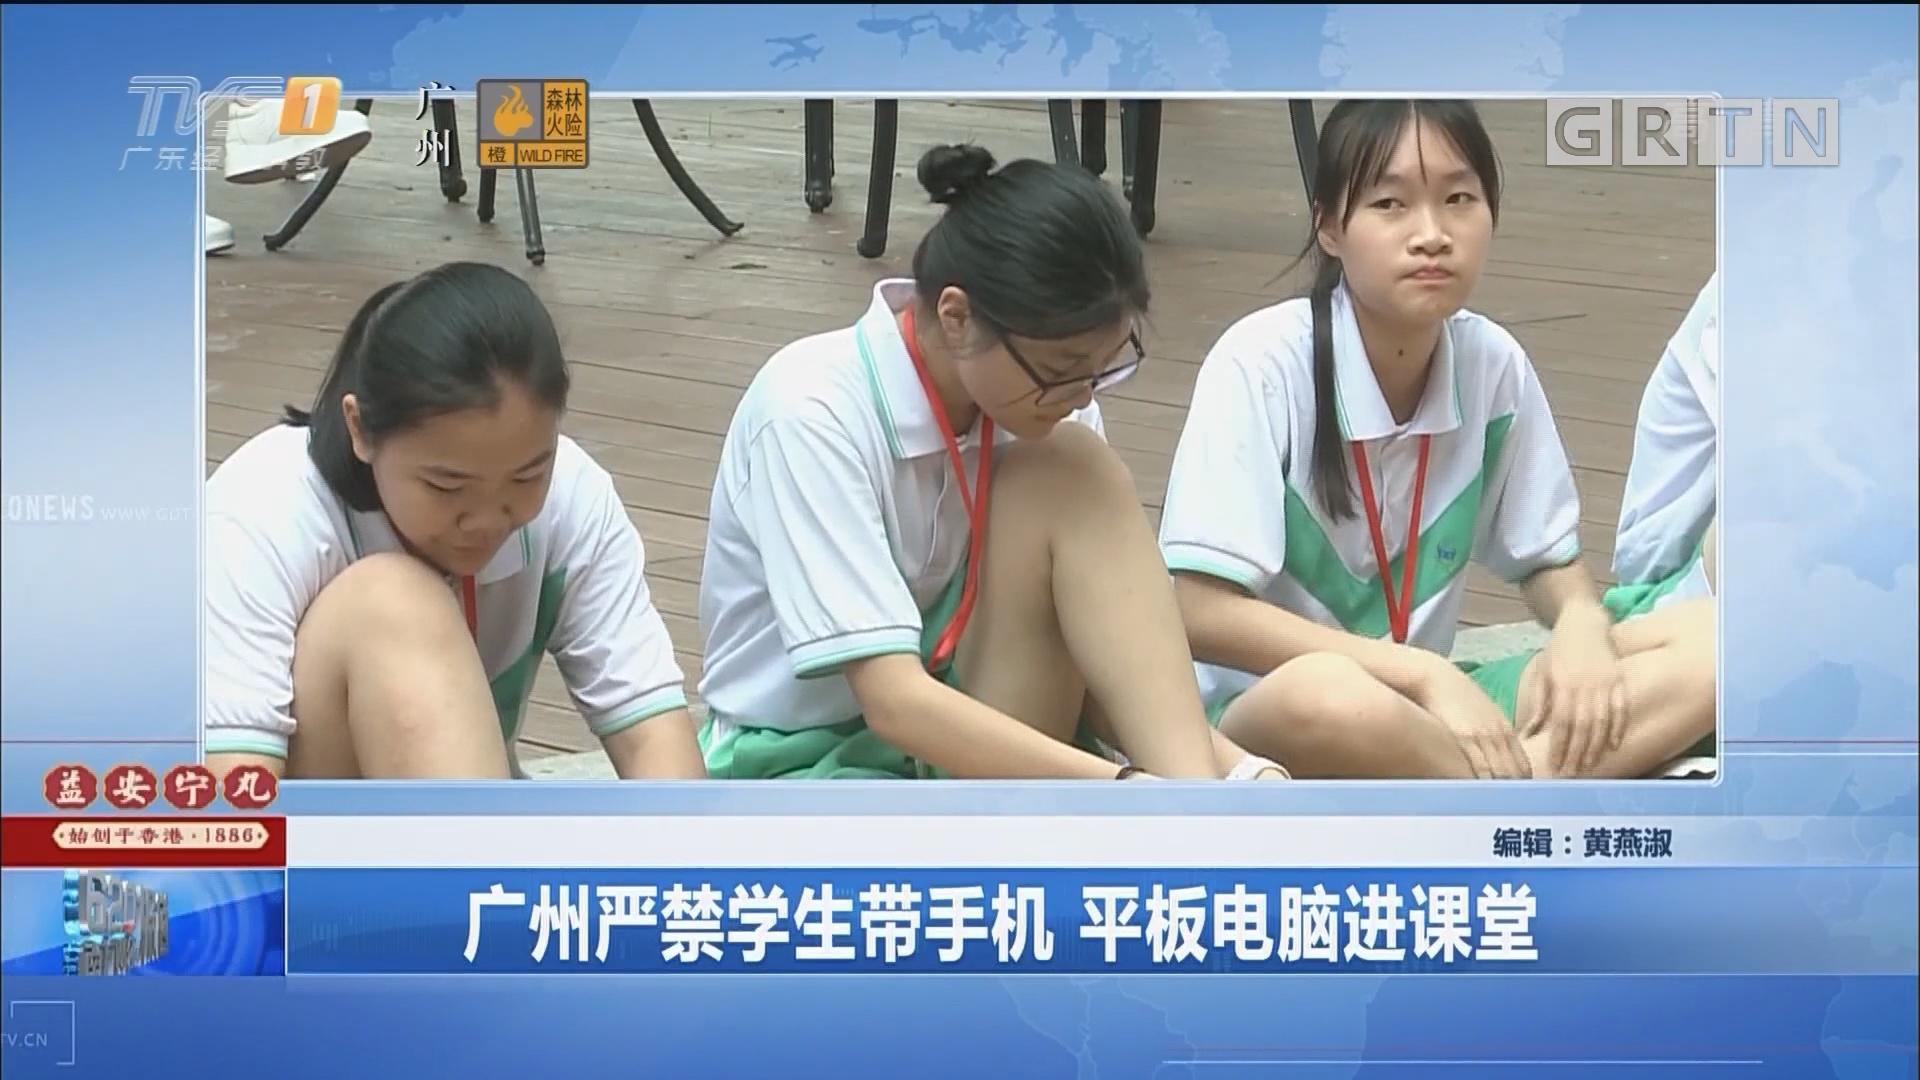 广州严禁学生带手机 平板电脑进课堂